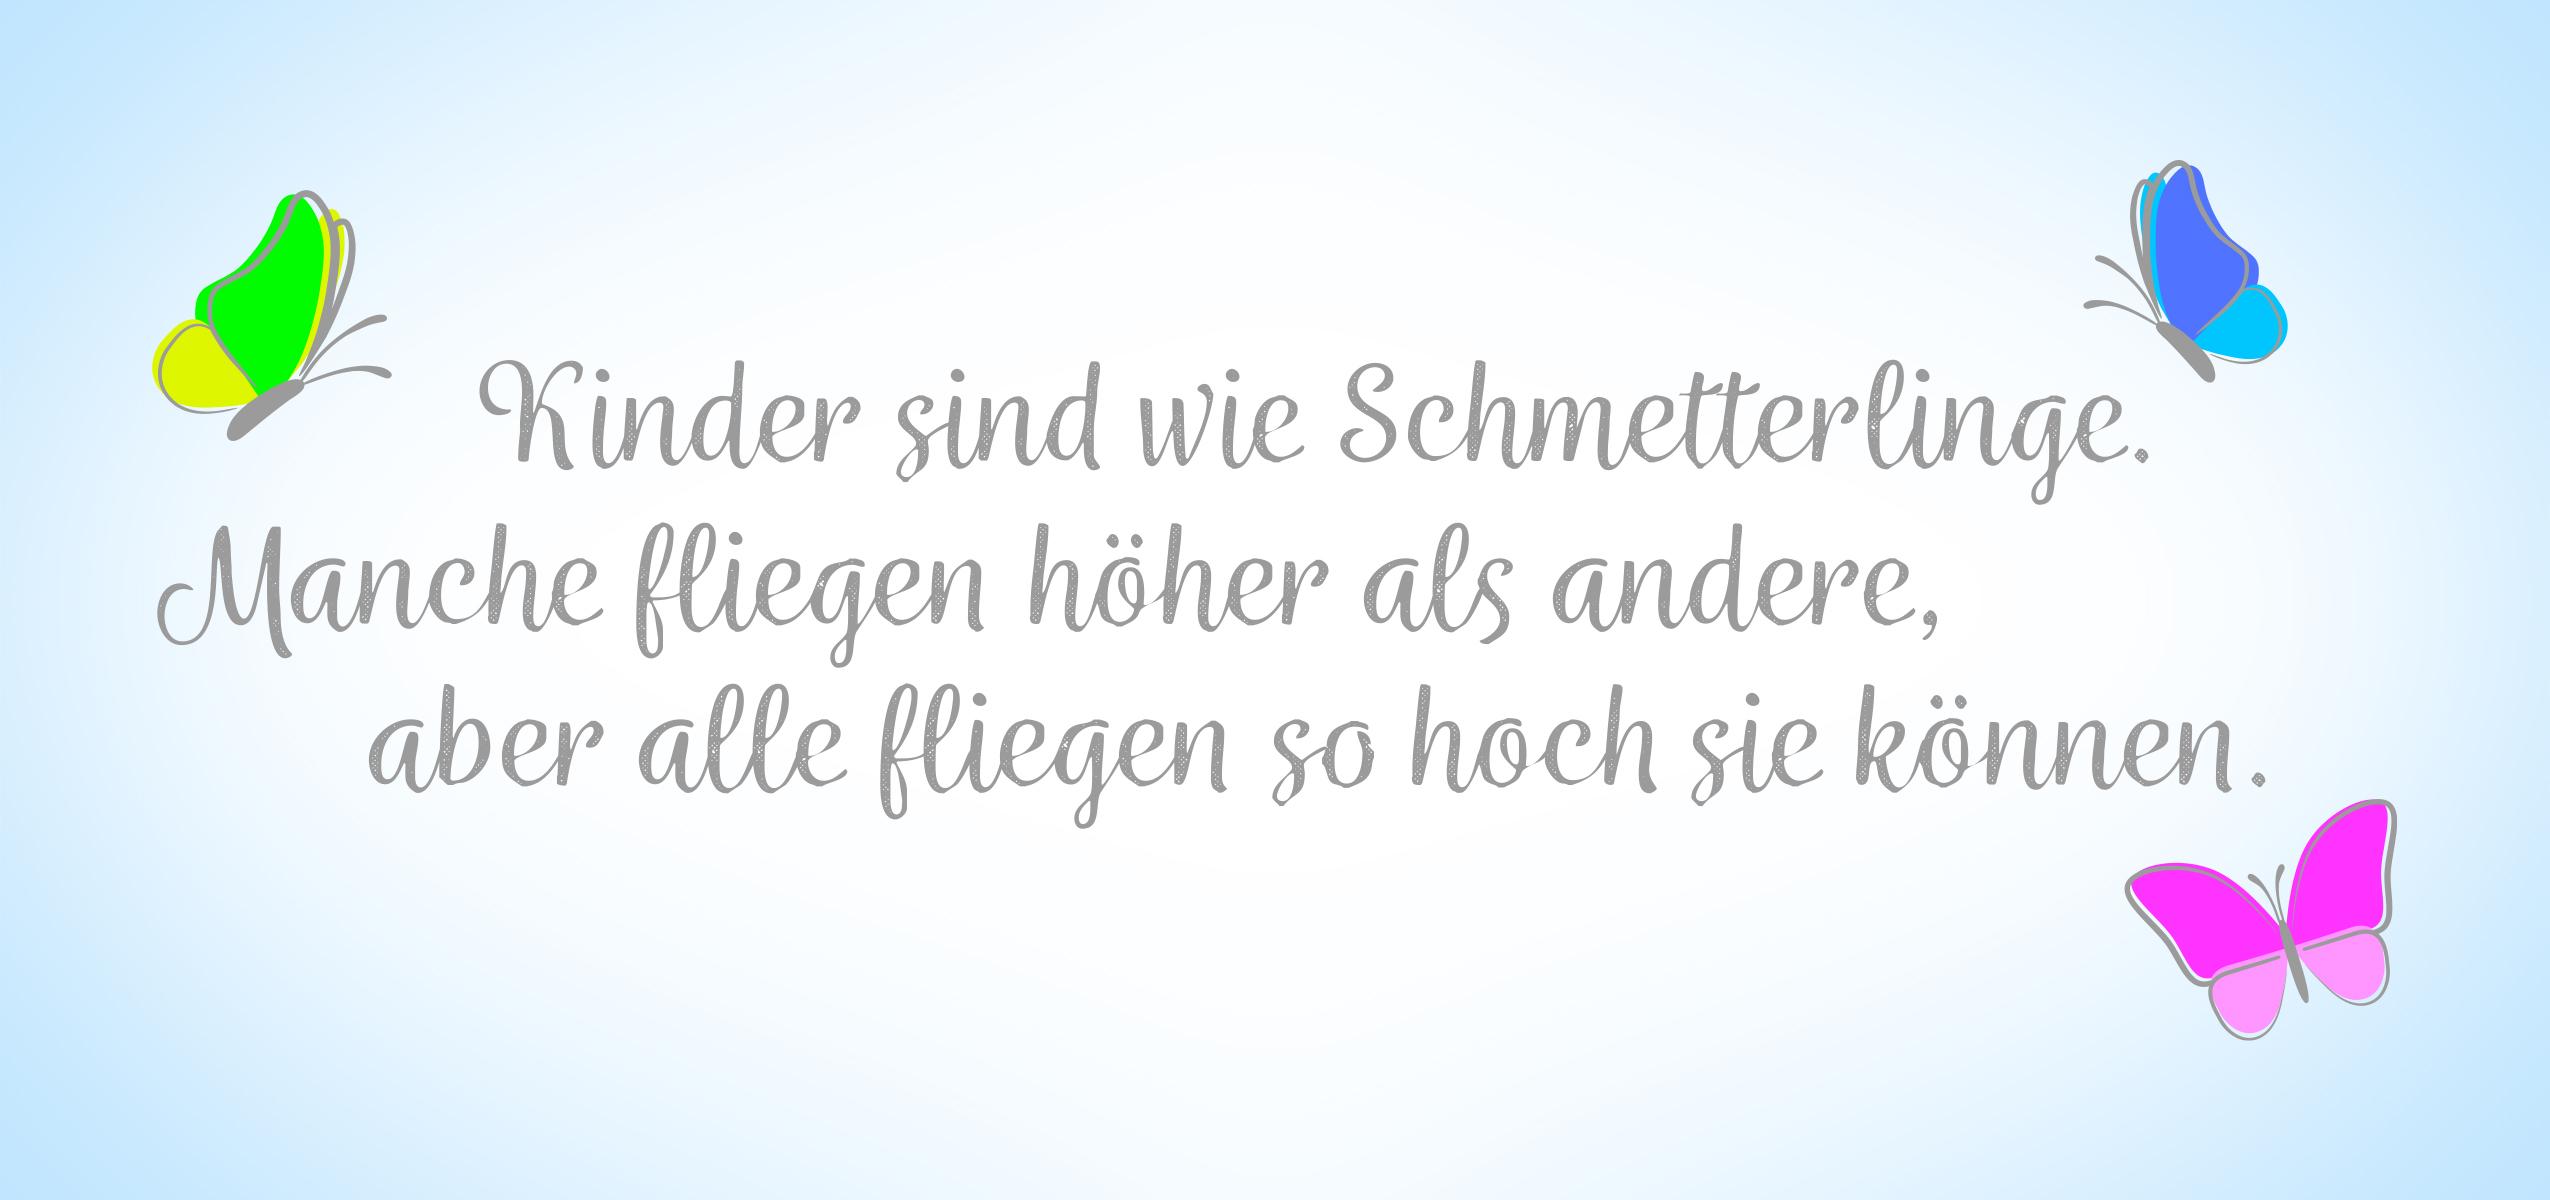 Slider_Motiv_ueberuns-2